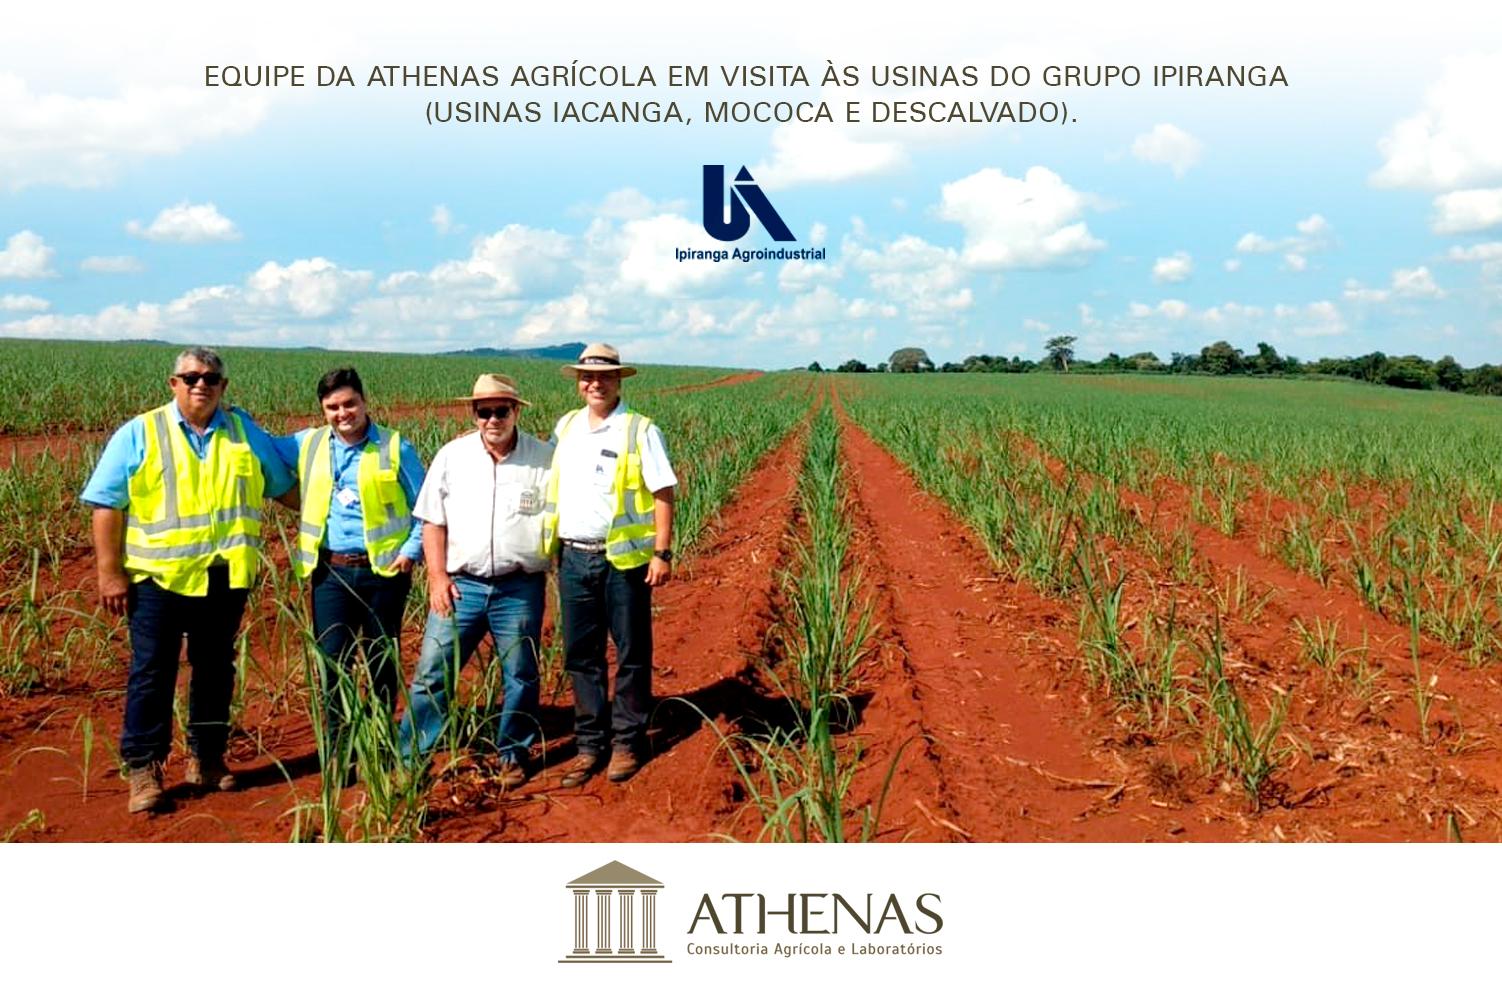 Equipe Athenas realiza visita técnica às Usinas do Grupo Ipiranga